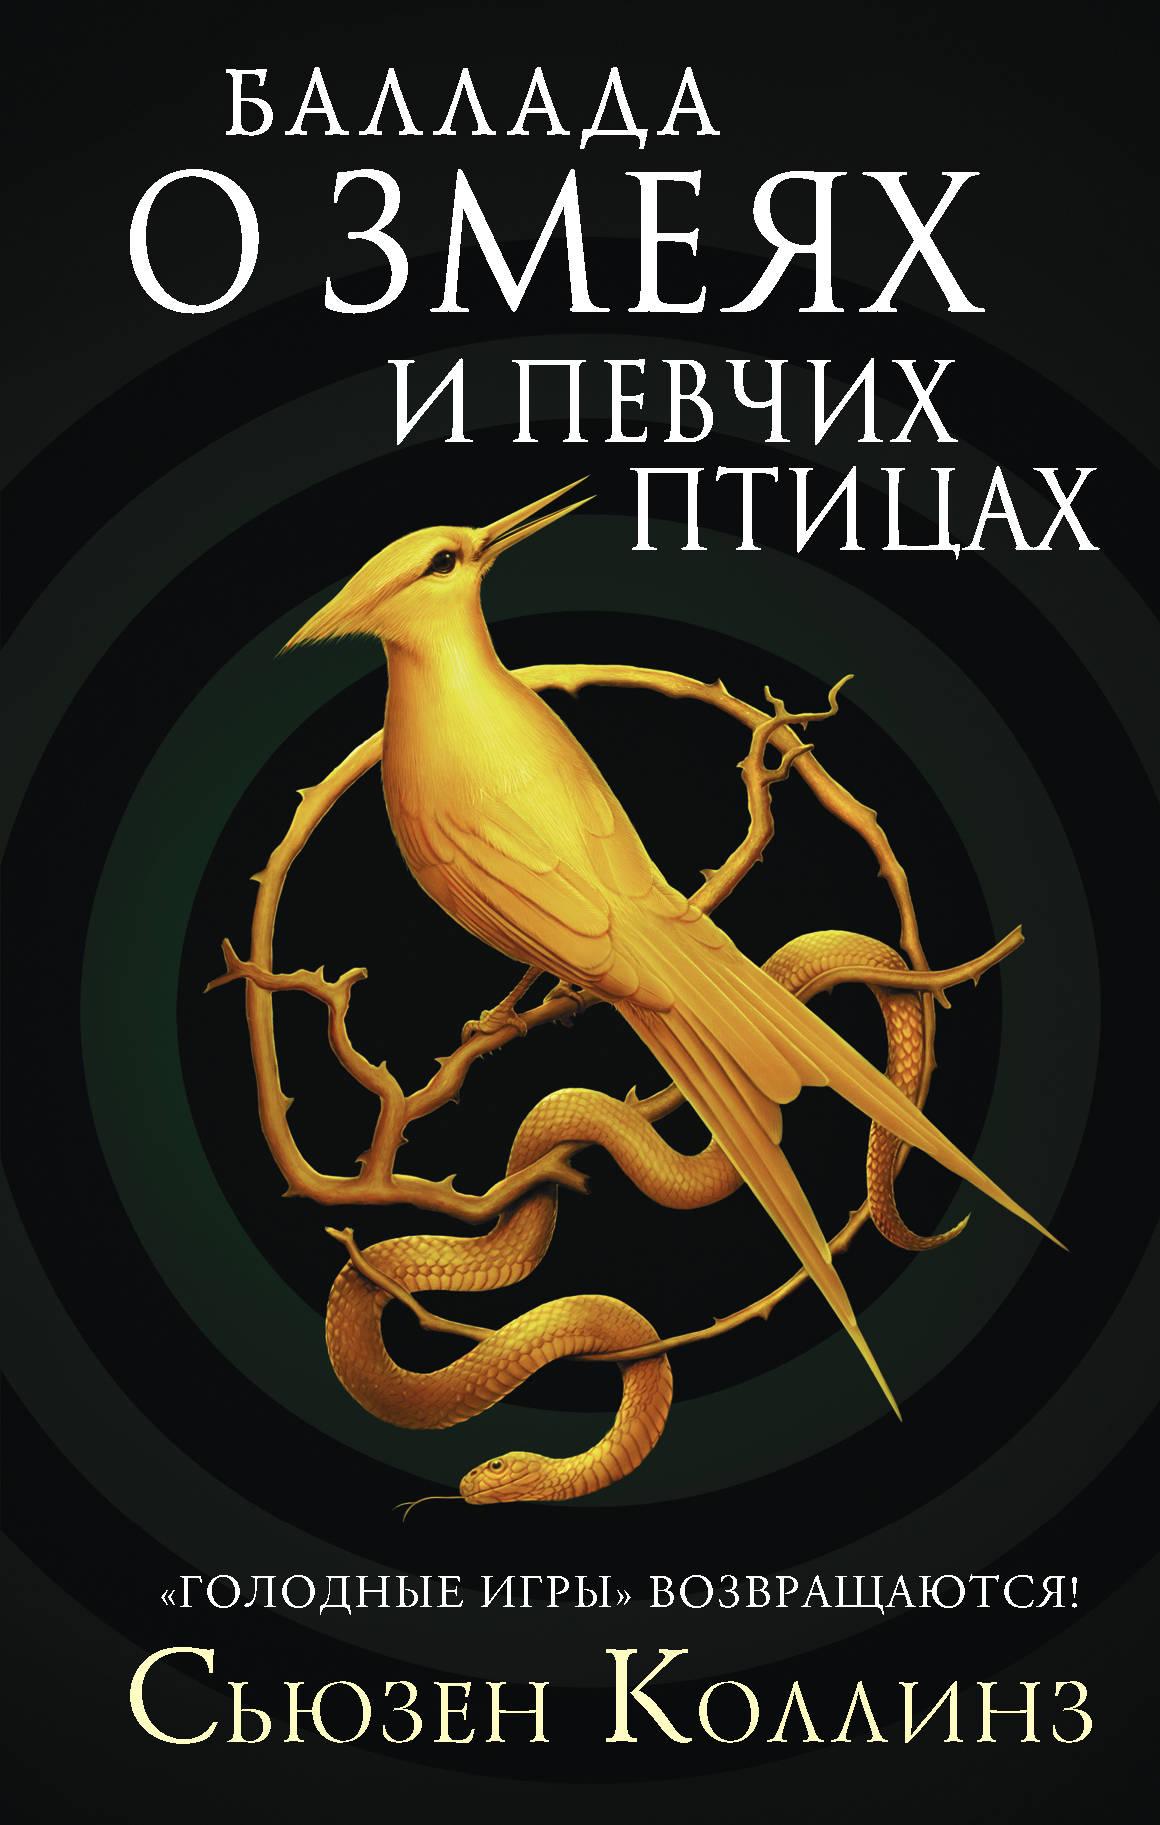 Сьюзен Коллинз «Баллада о змеях и певчих птицах»: идеальный приквел «Голодных игр» 1